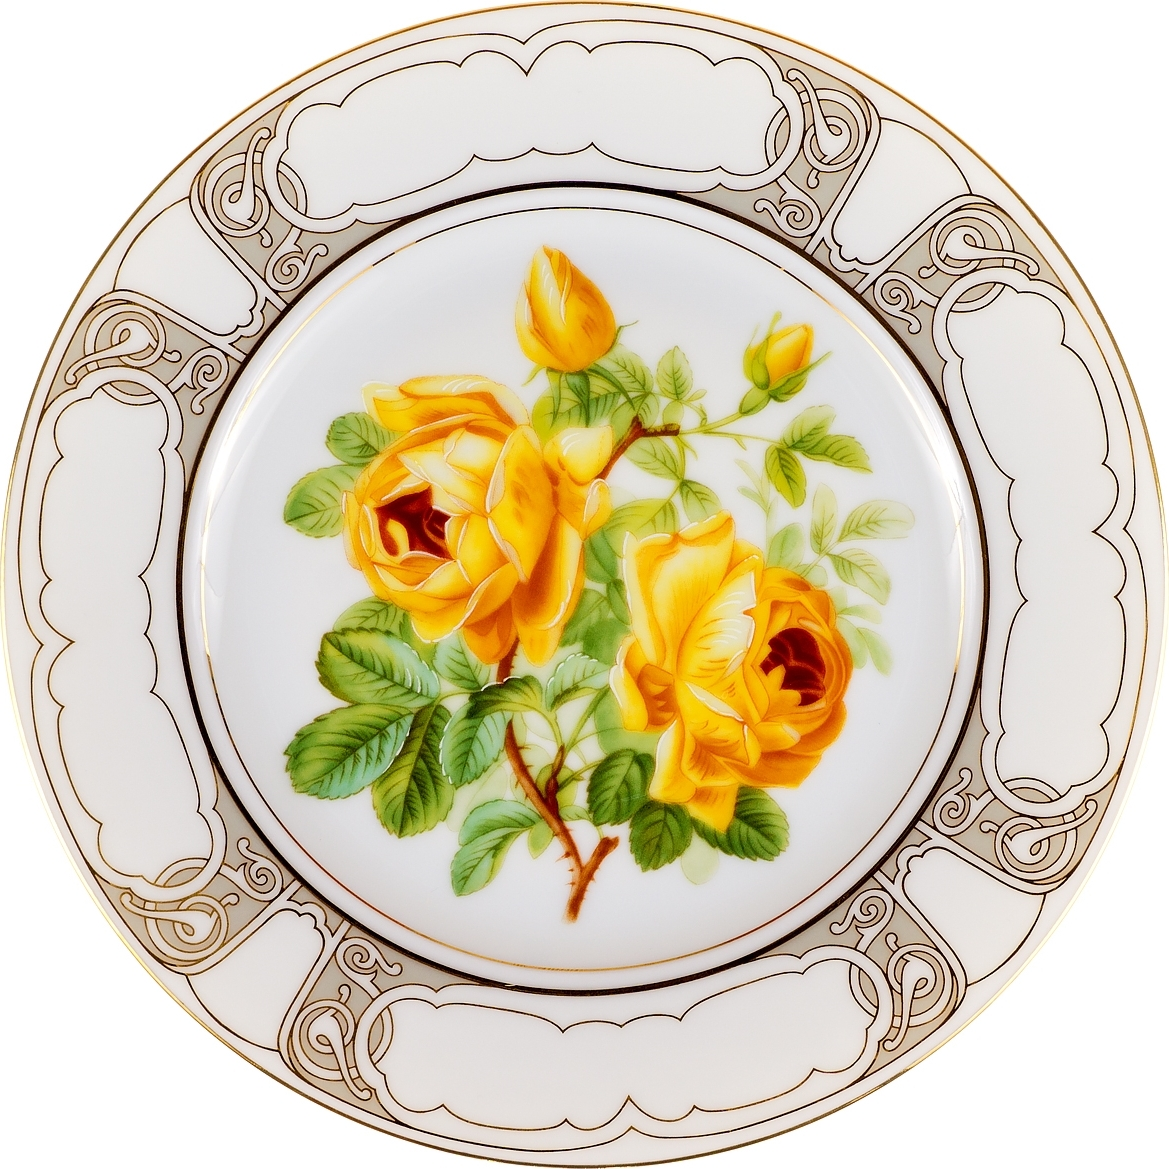 Декоративная тарелка Роза - королева цветов. Фарфор, деколь, золочение. Limoges, Франция, 1990 год декоративная тарелка ketsuzan kiln гейша и журавли декоративная тарелка фарфор деколь япония 1990 год